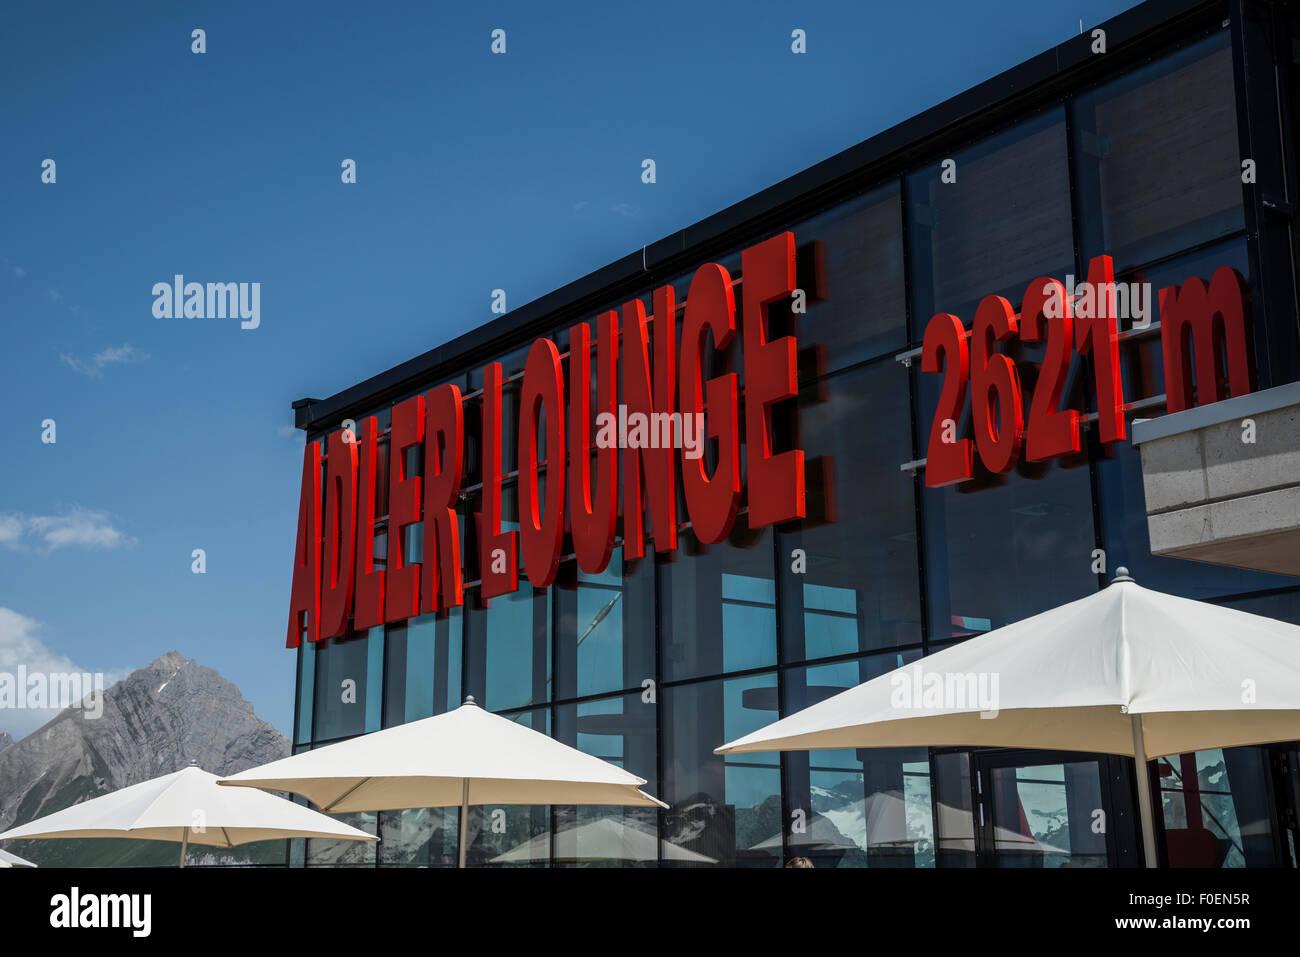 Adler Lounge, Parc National du Haut Tauern, le Tyrol de Kals, Tyrol, Autriche Photo Stock